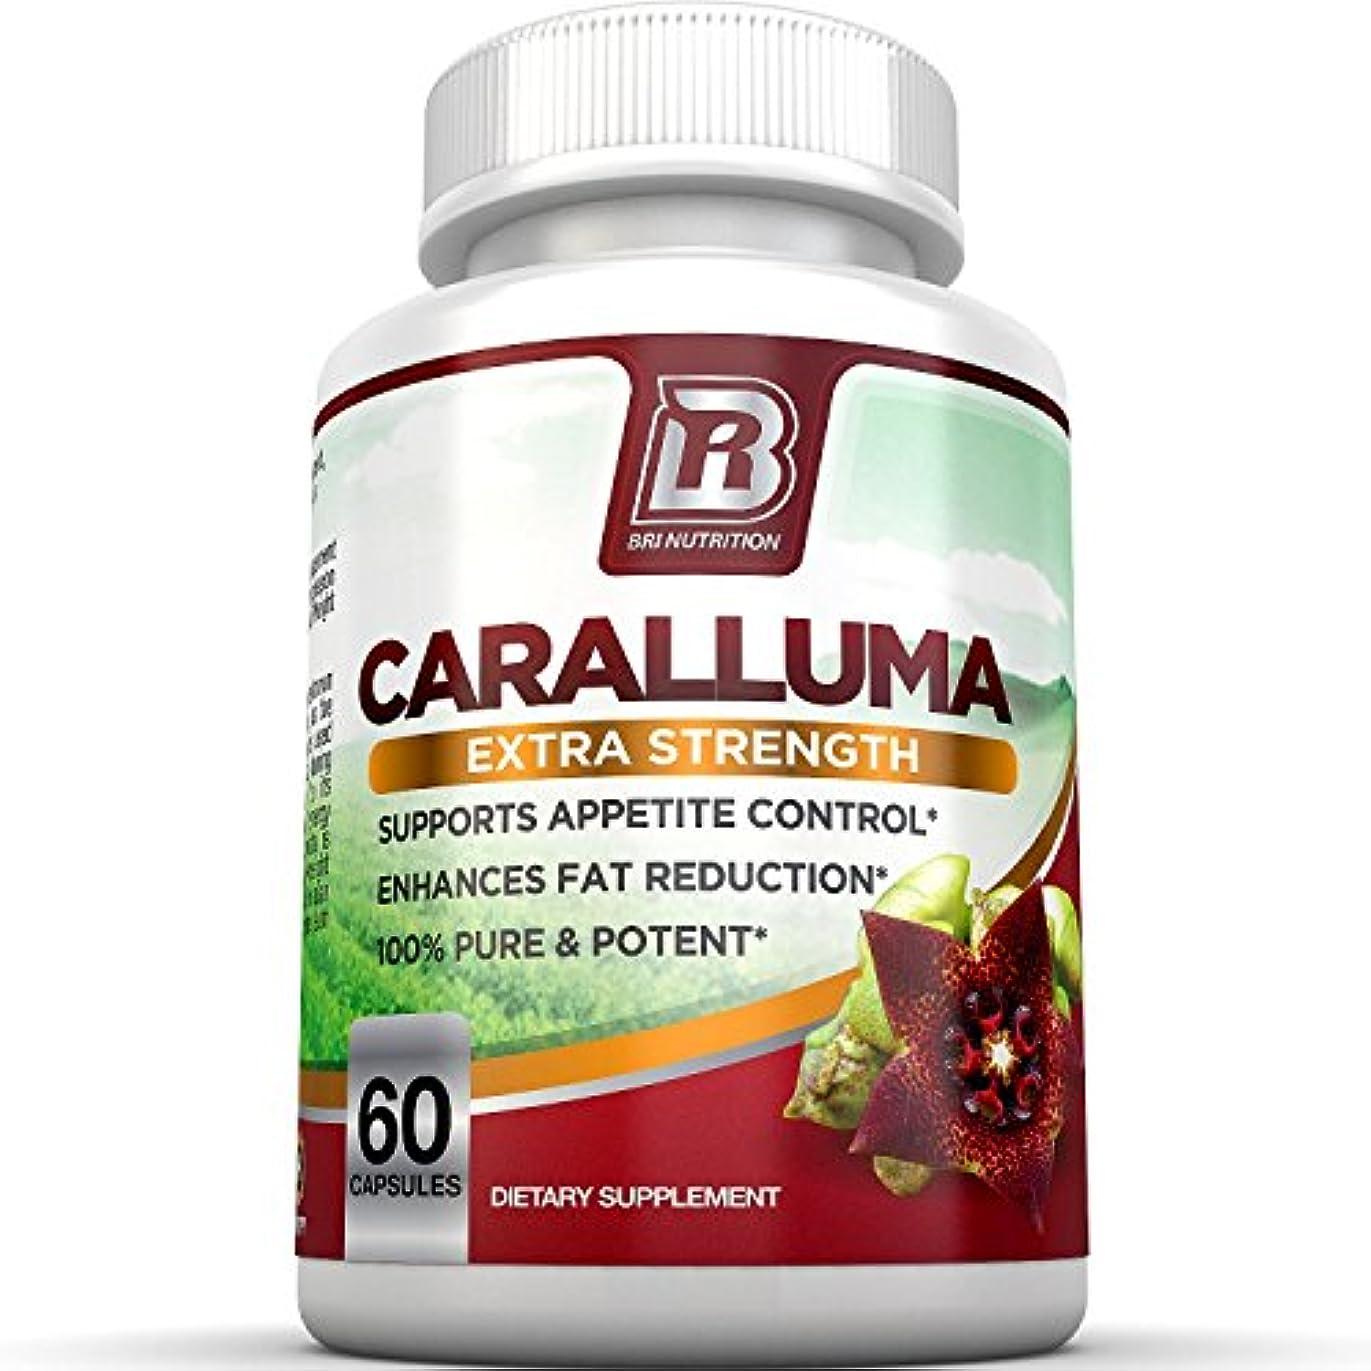 アイロニー物理的な姿勢BRI栄養カラルマFimbriata - 20 : 1エキス最大耐力?サプリメント - 30日サプライ60ctベジカプセル - ピュアインドカラルマFimbriataから作りました BRI Nutrition Caralluma...